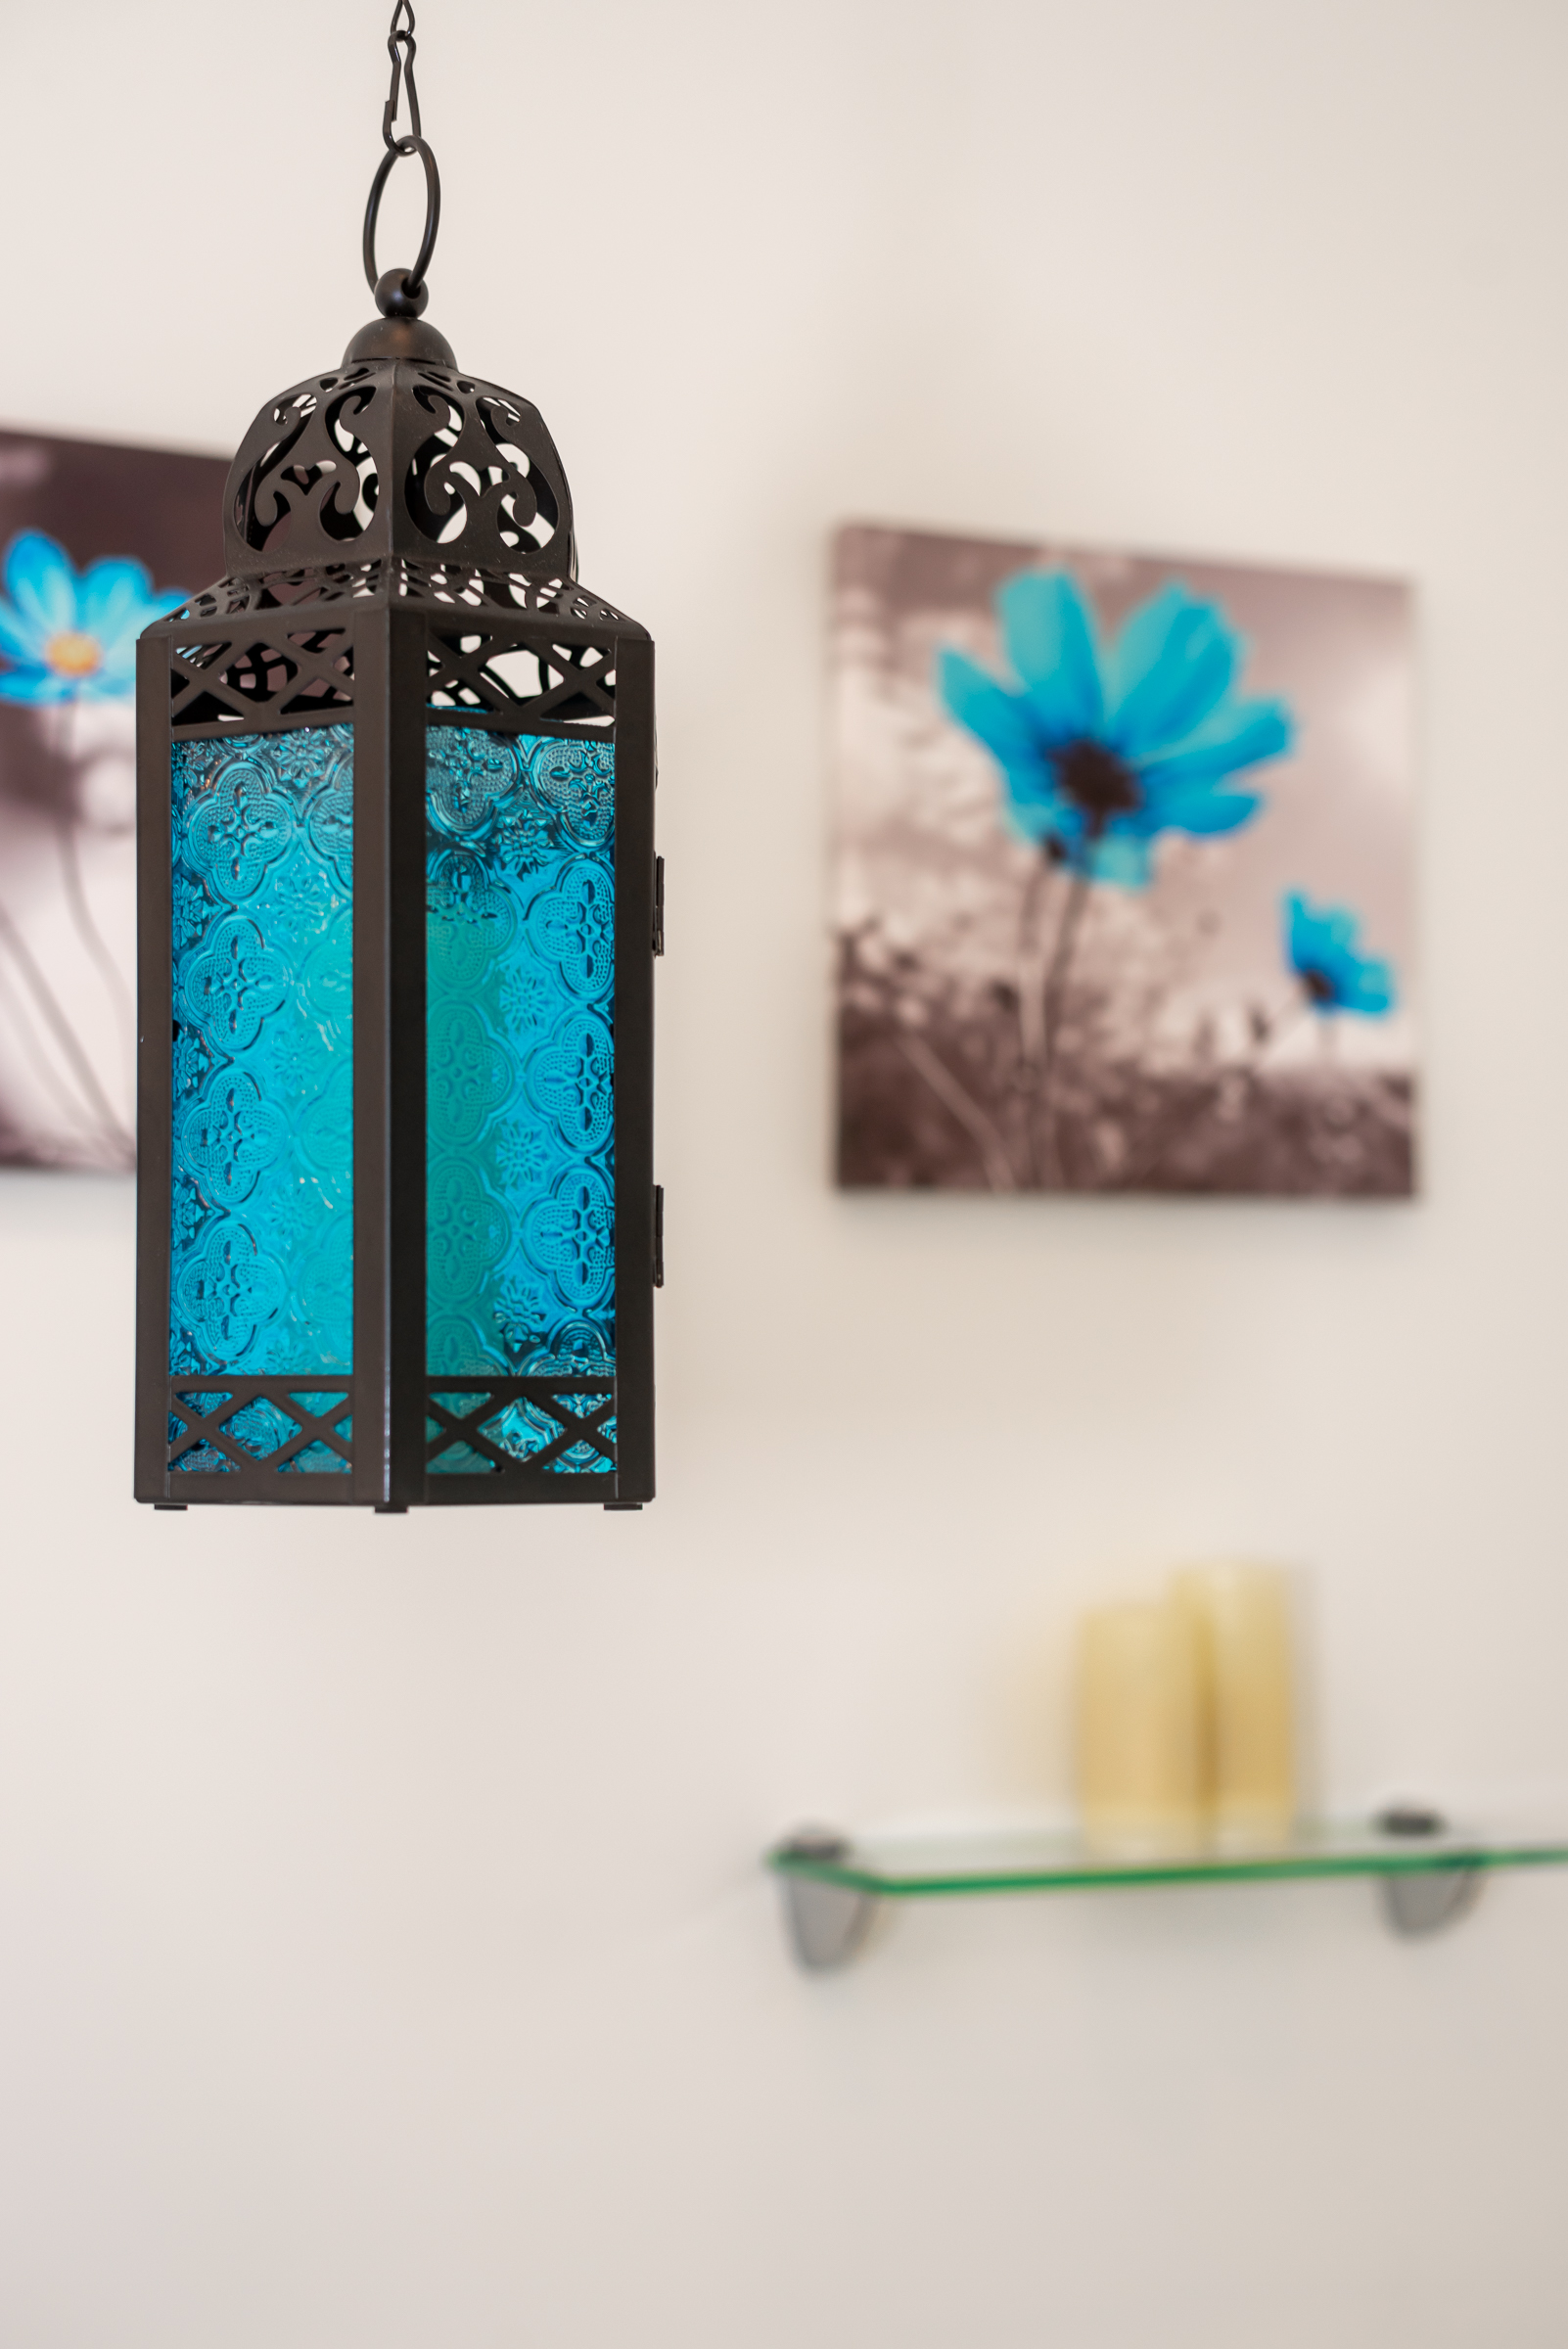 blue glass and bronze light fixture